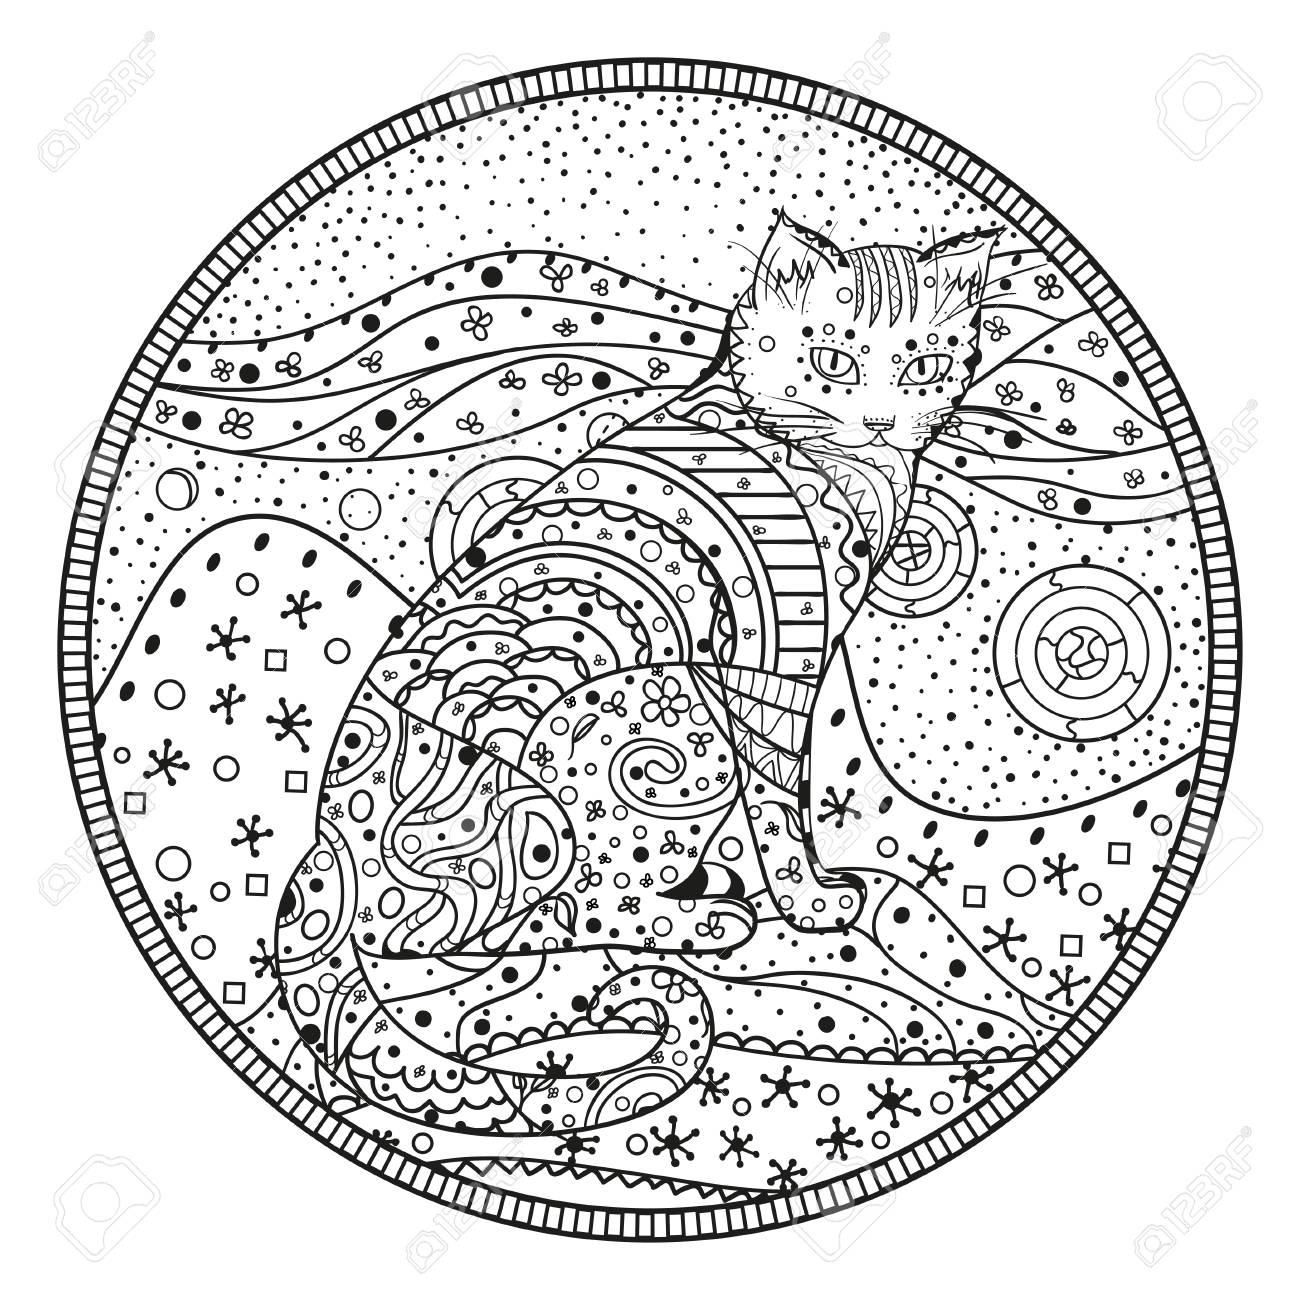 Mandala Dessine Avec Des Motifs De Chat Abstraite Isoles Sur Fond